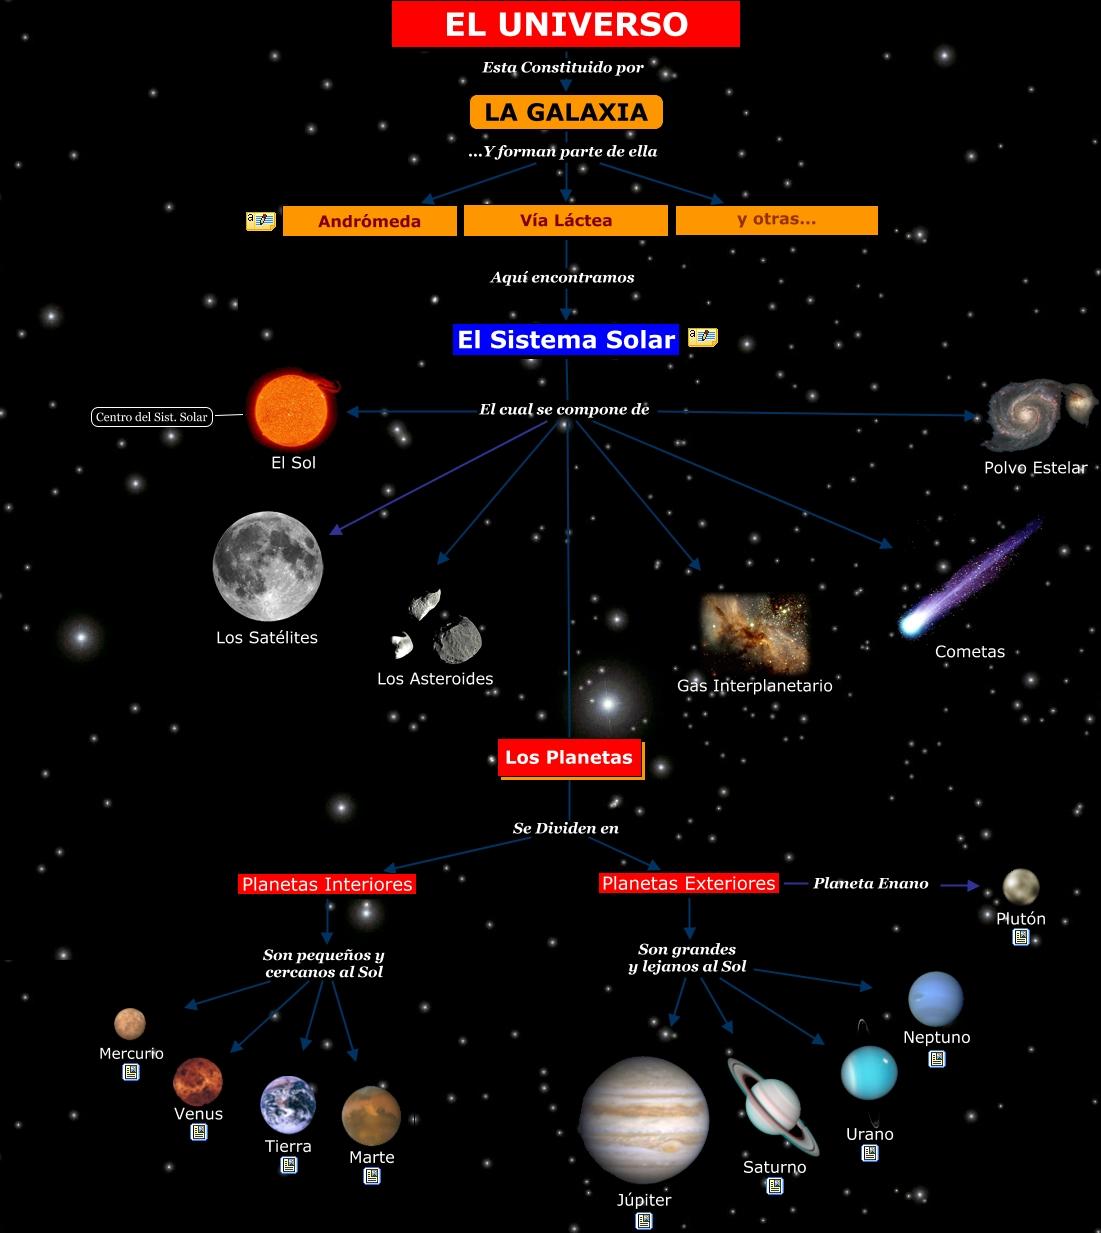 Ciencia sexto el universo - Caracteristicas de los planetas interiores ...